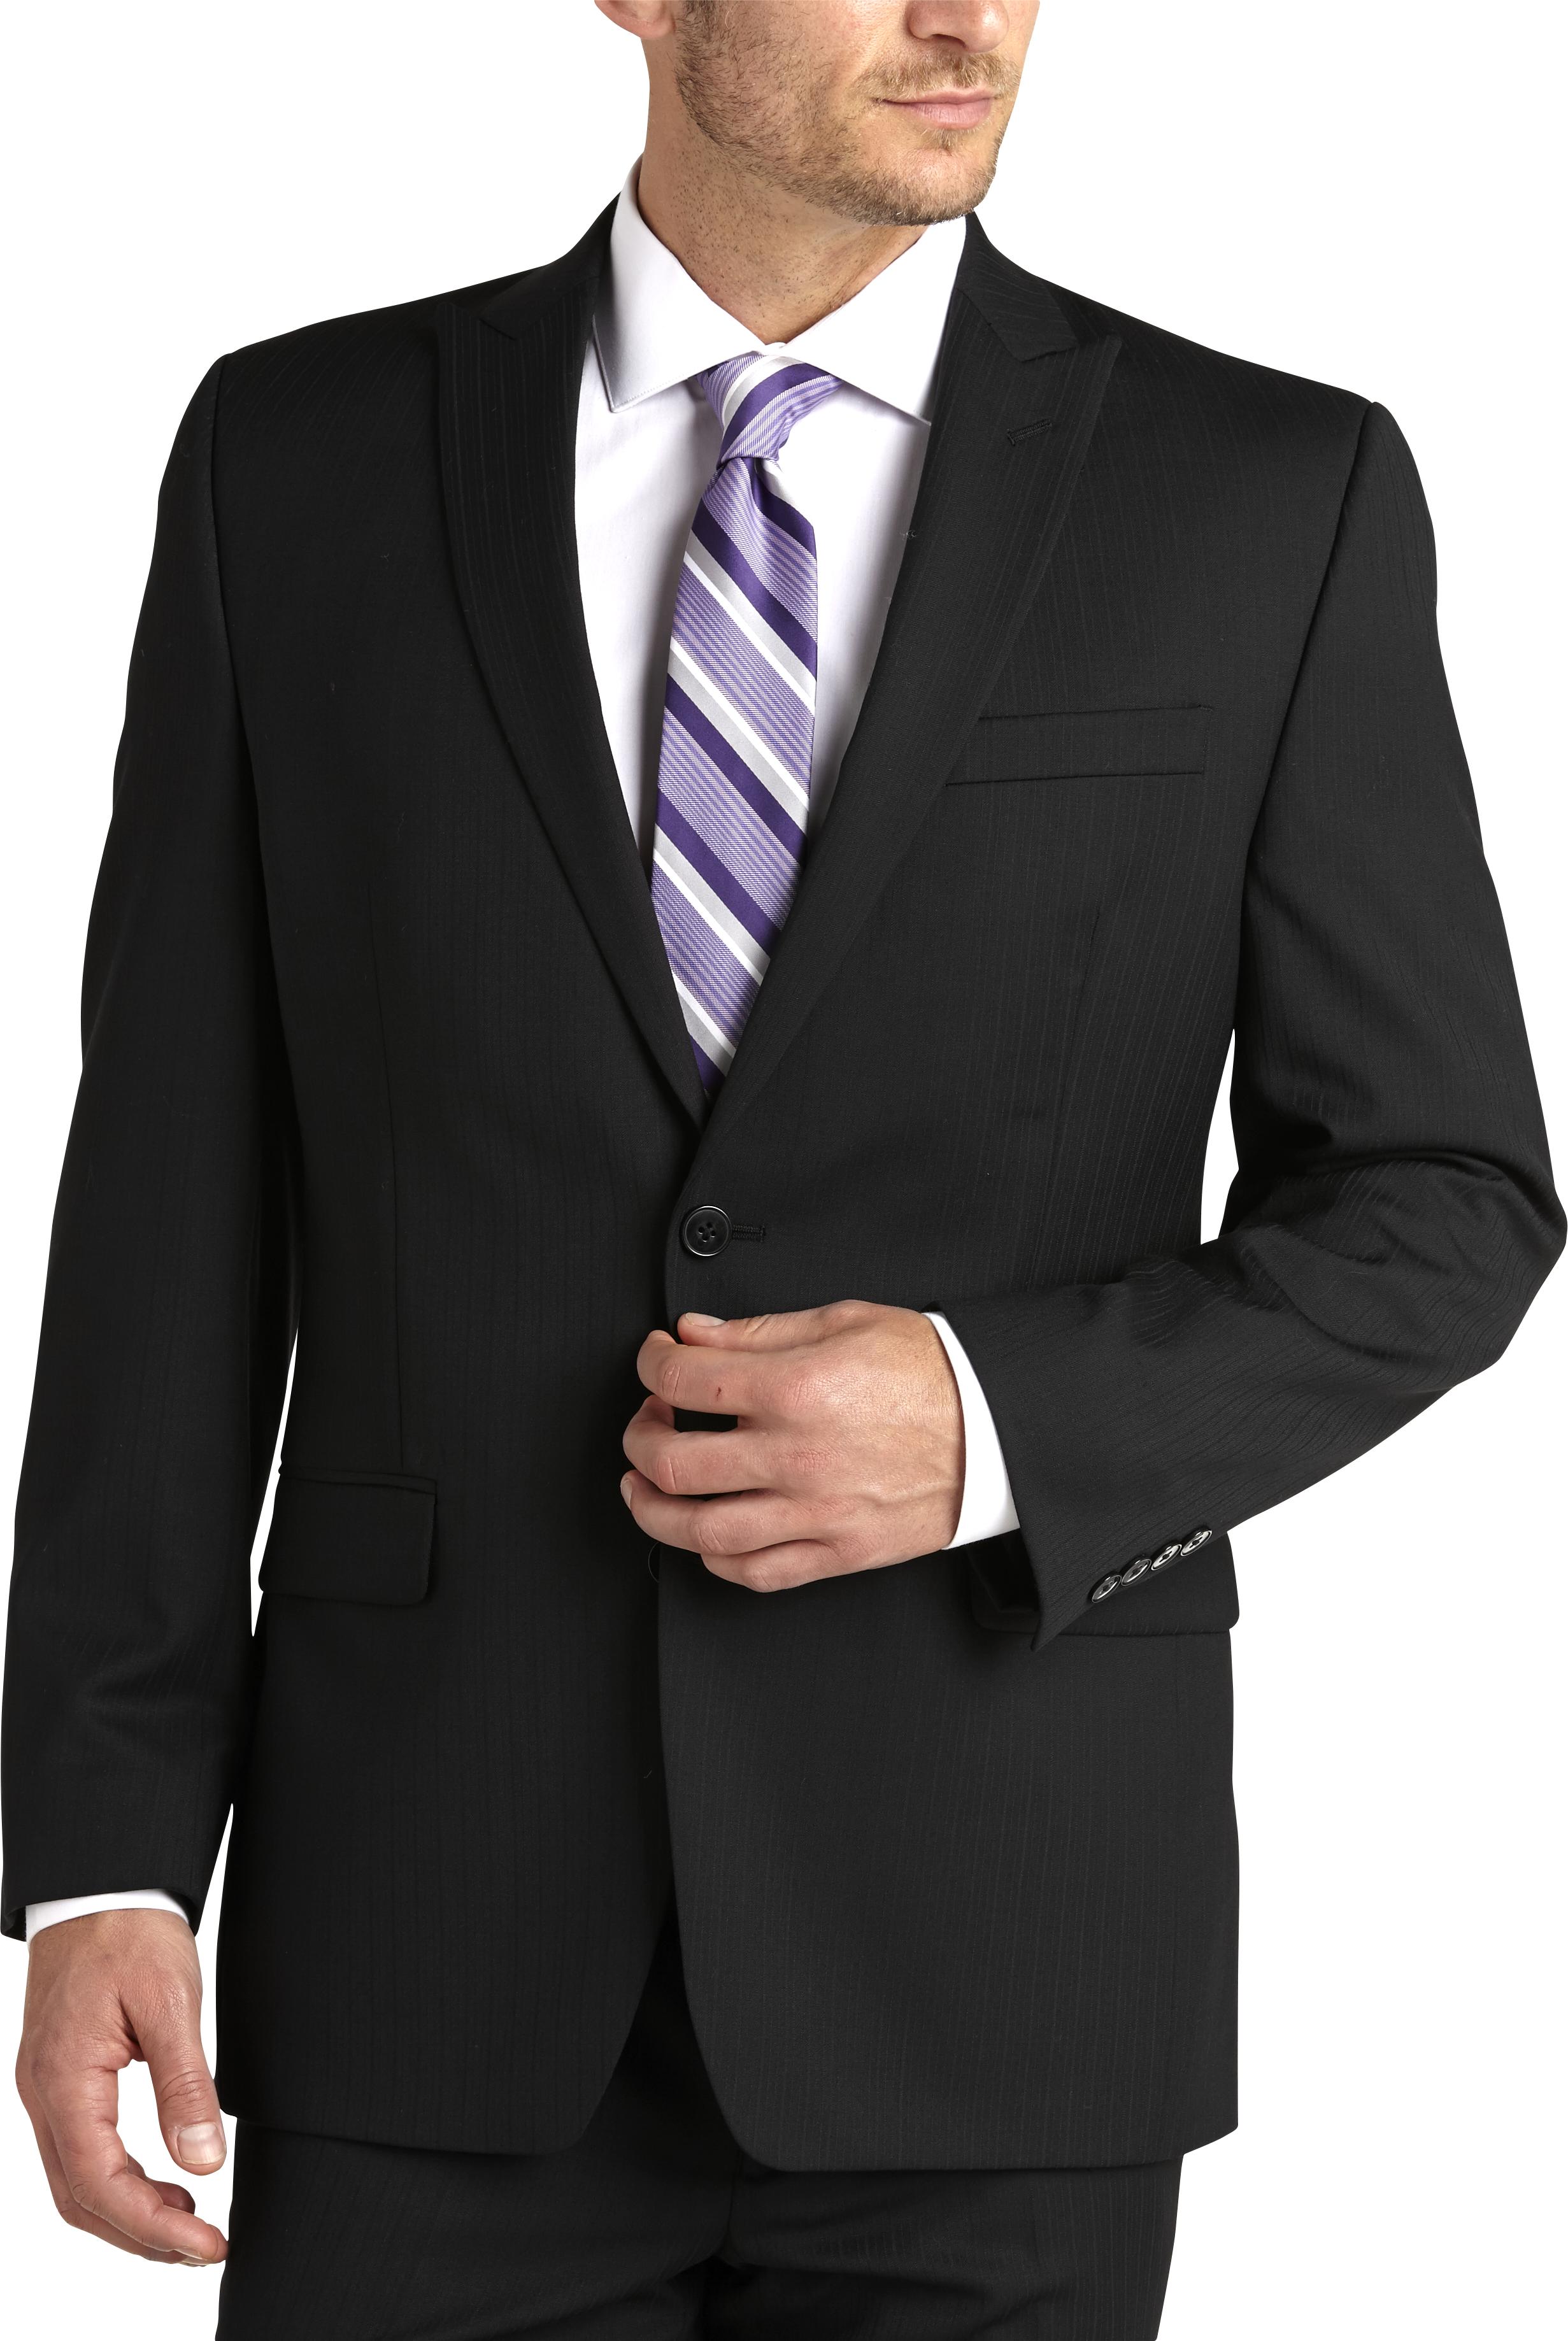 Michael Kors Black Slim Fit Suit